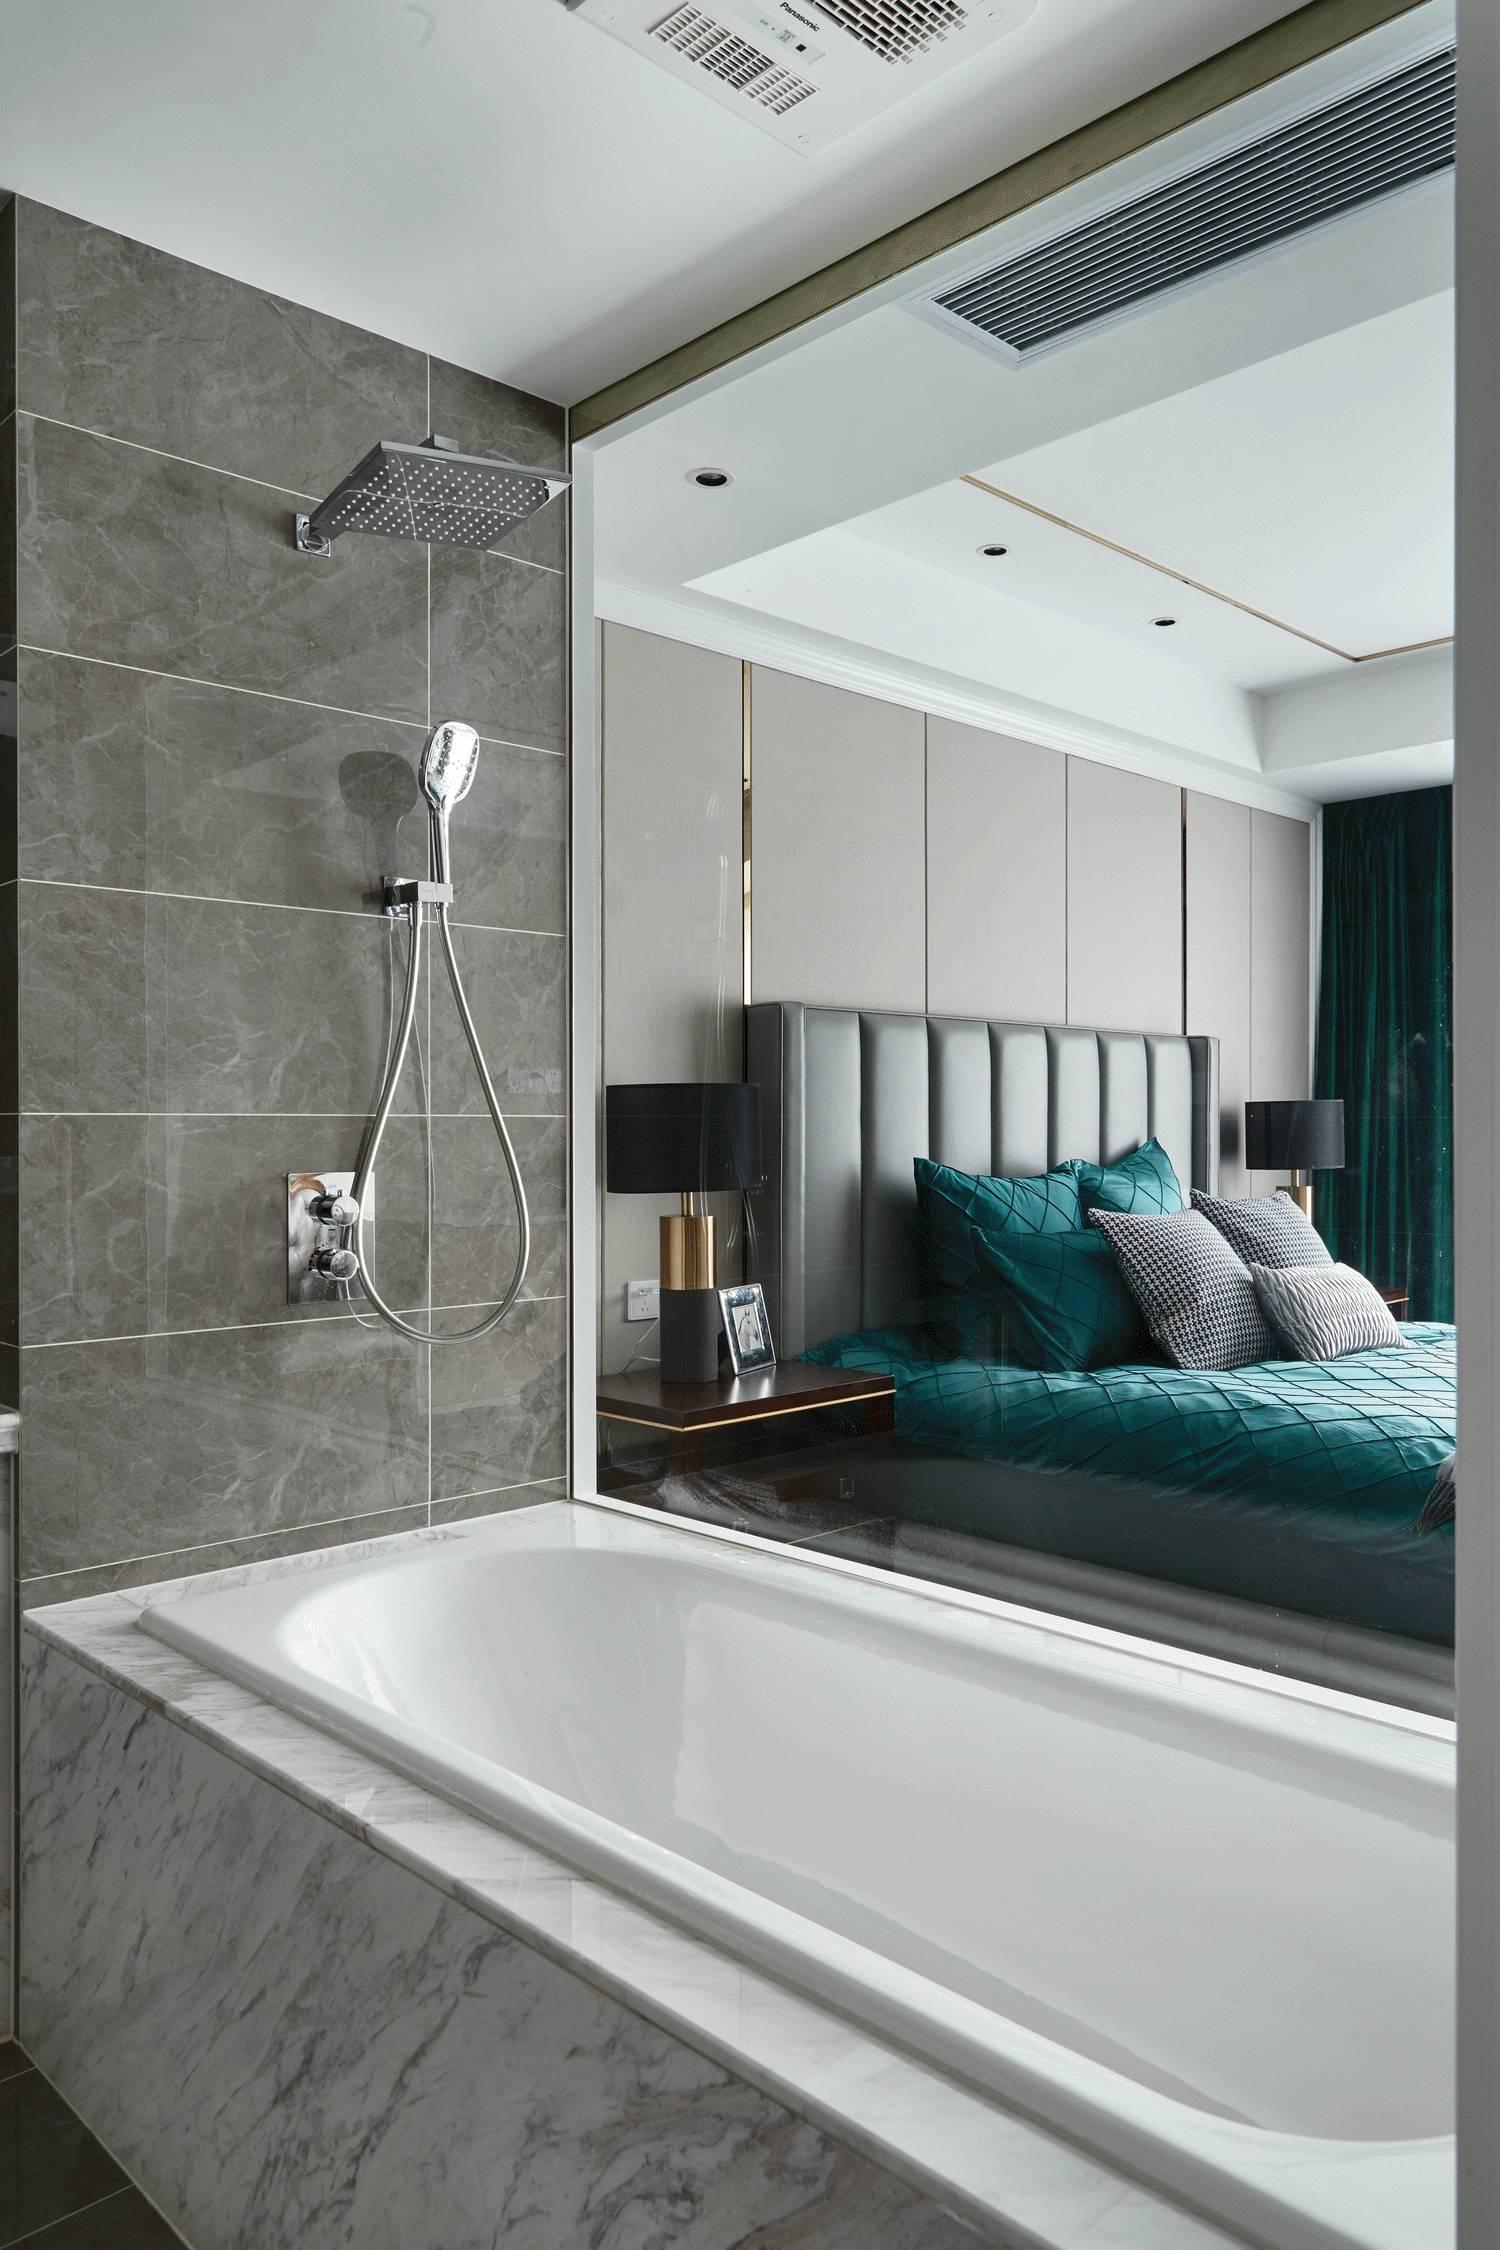 简美轻奢四居室装修浴缸设计